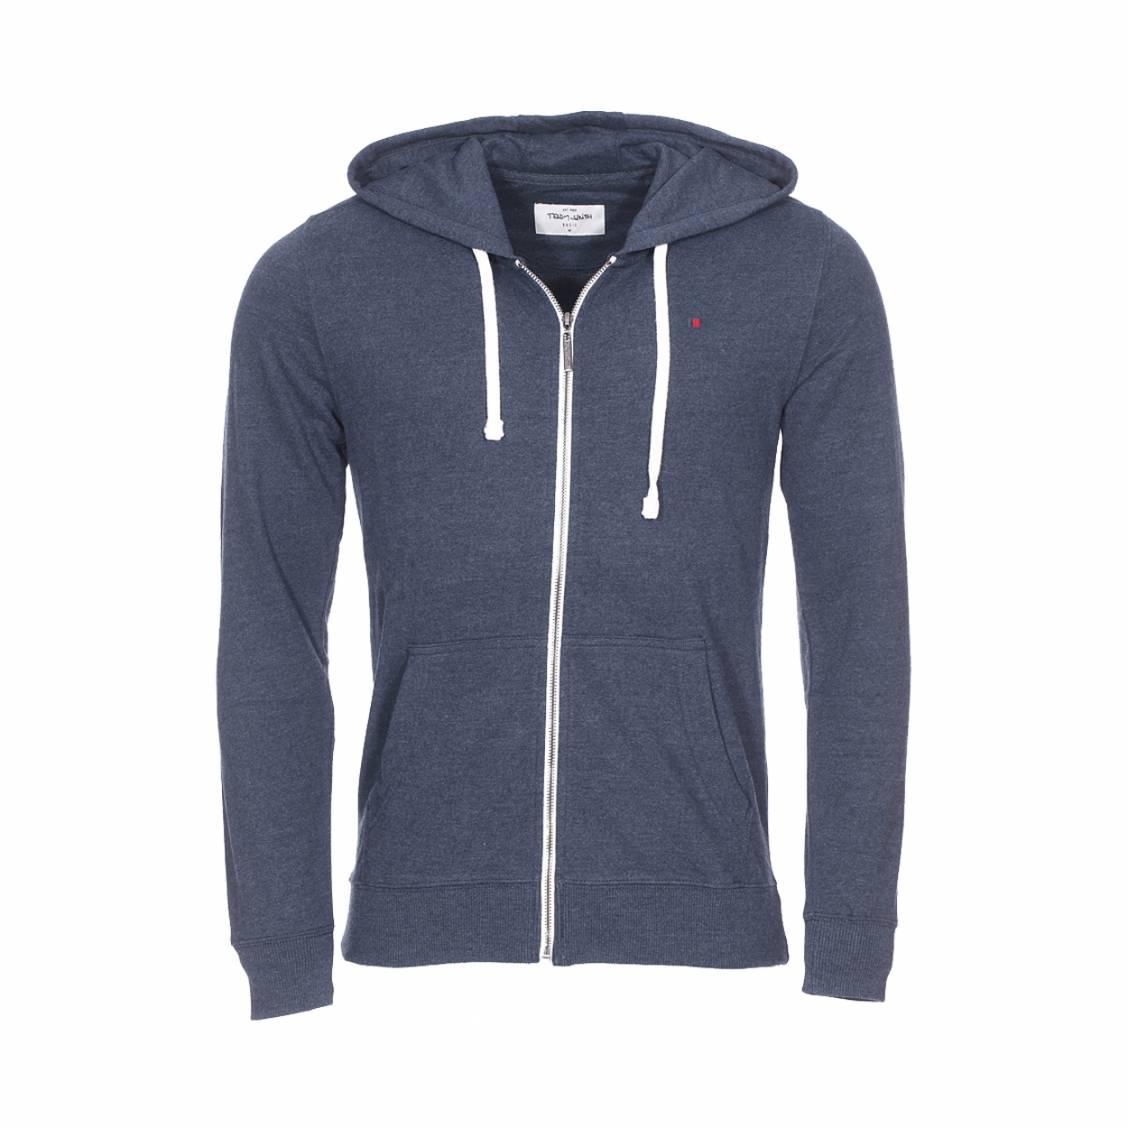 Sweat zippé à capuche Gelly 2 Teddy Smith en coton mélangé bleu marine chiné | Rue Des Hommes